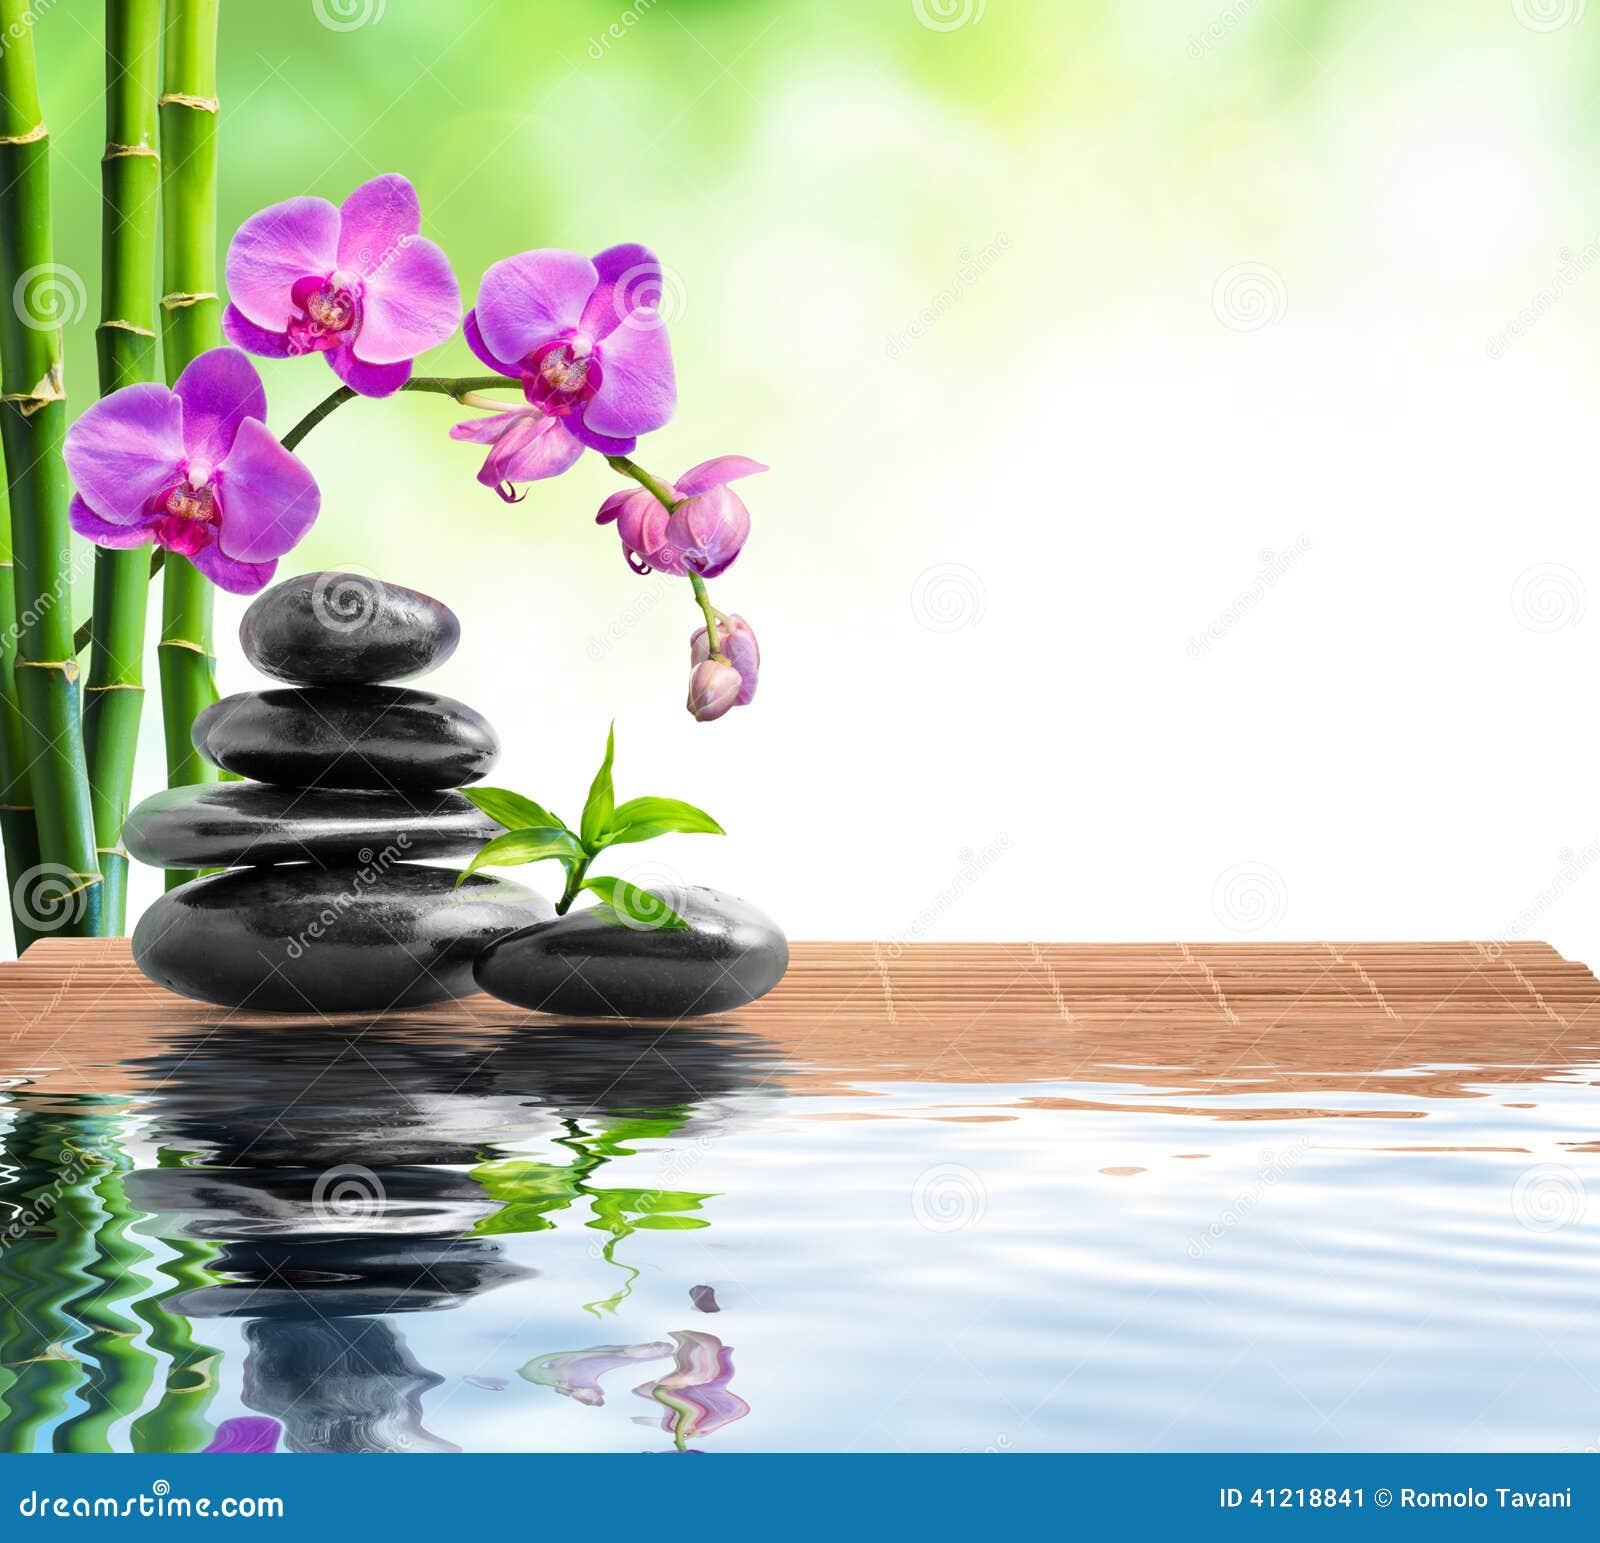 Badekurorthintergrund Mit Bambus Orchideen Und Wasser Stockbild